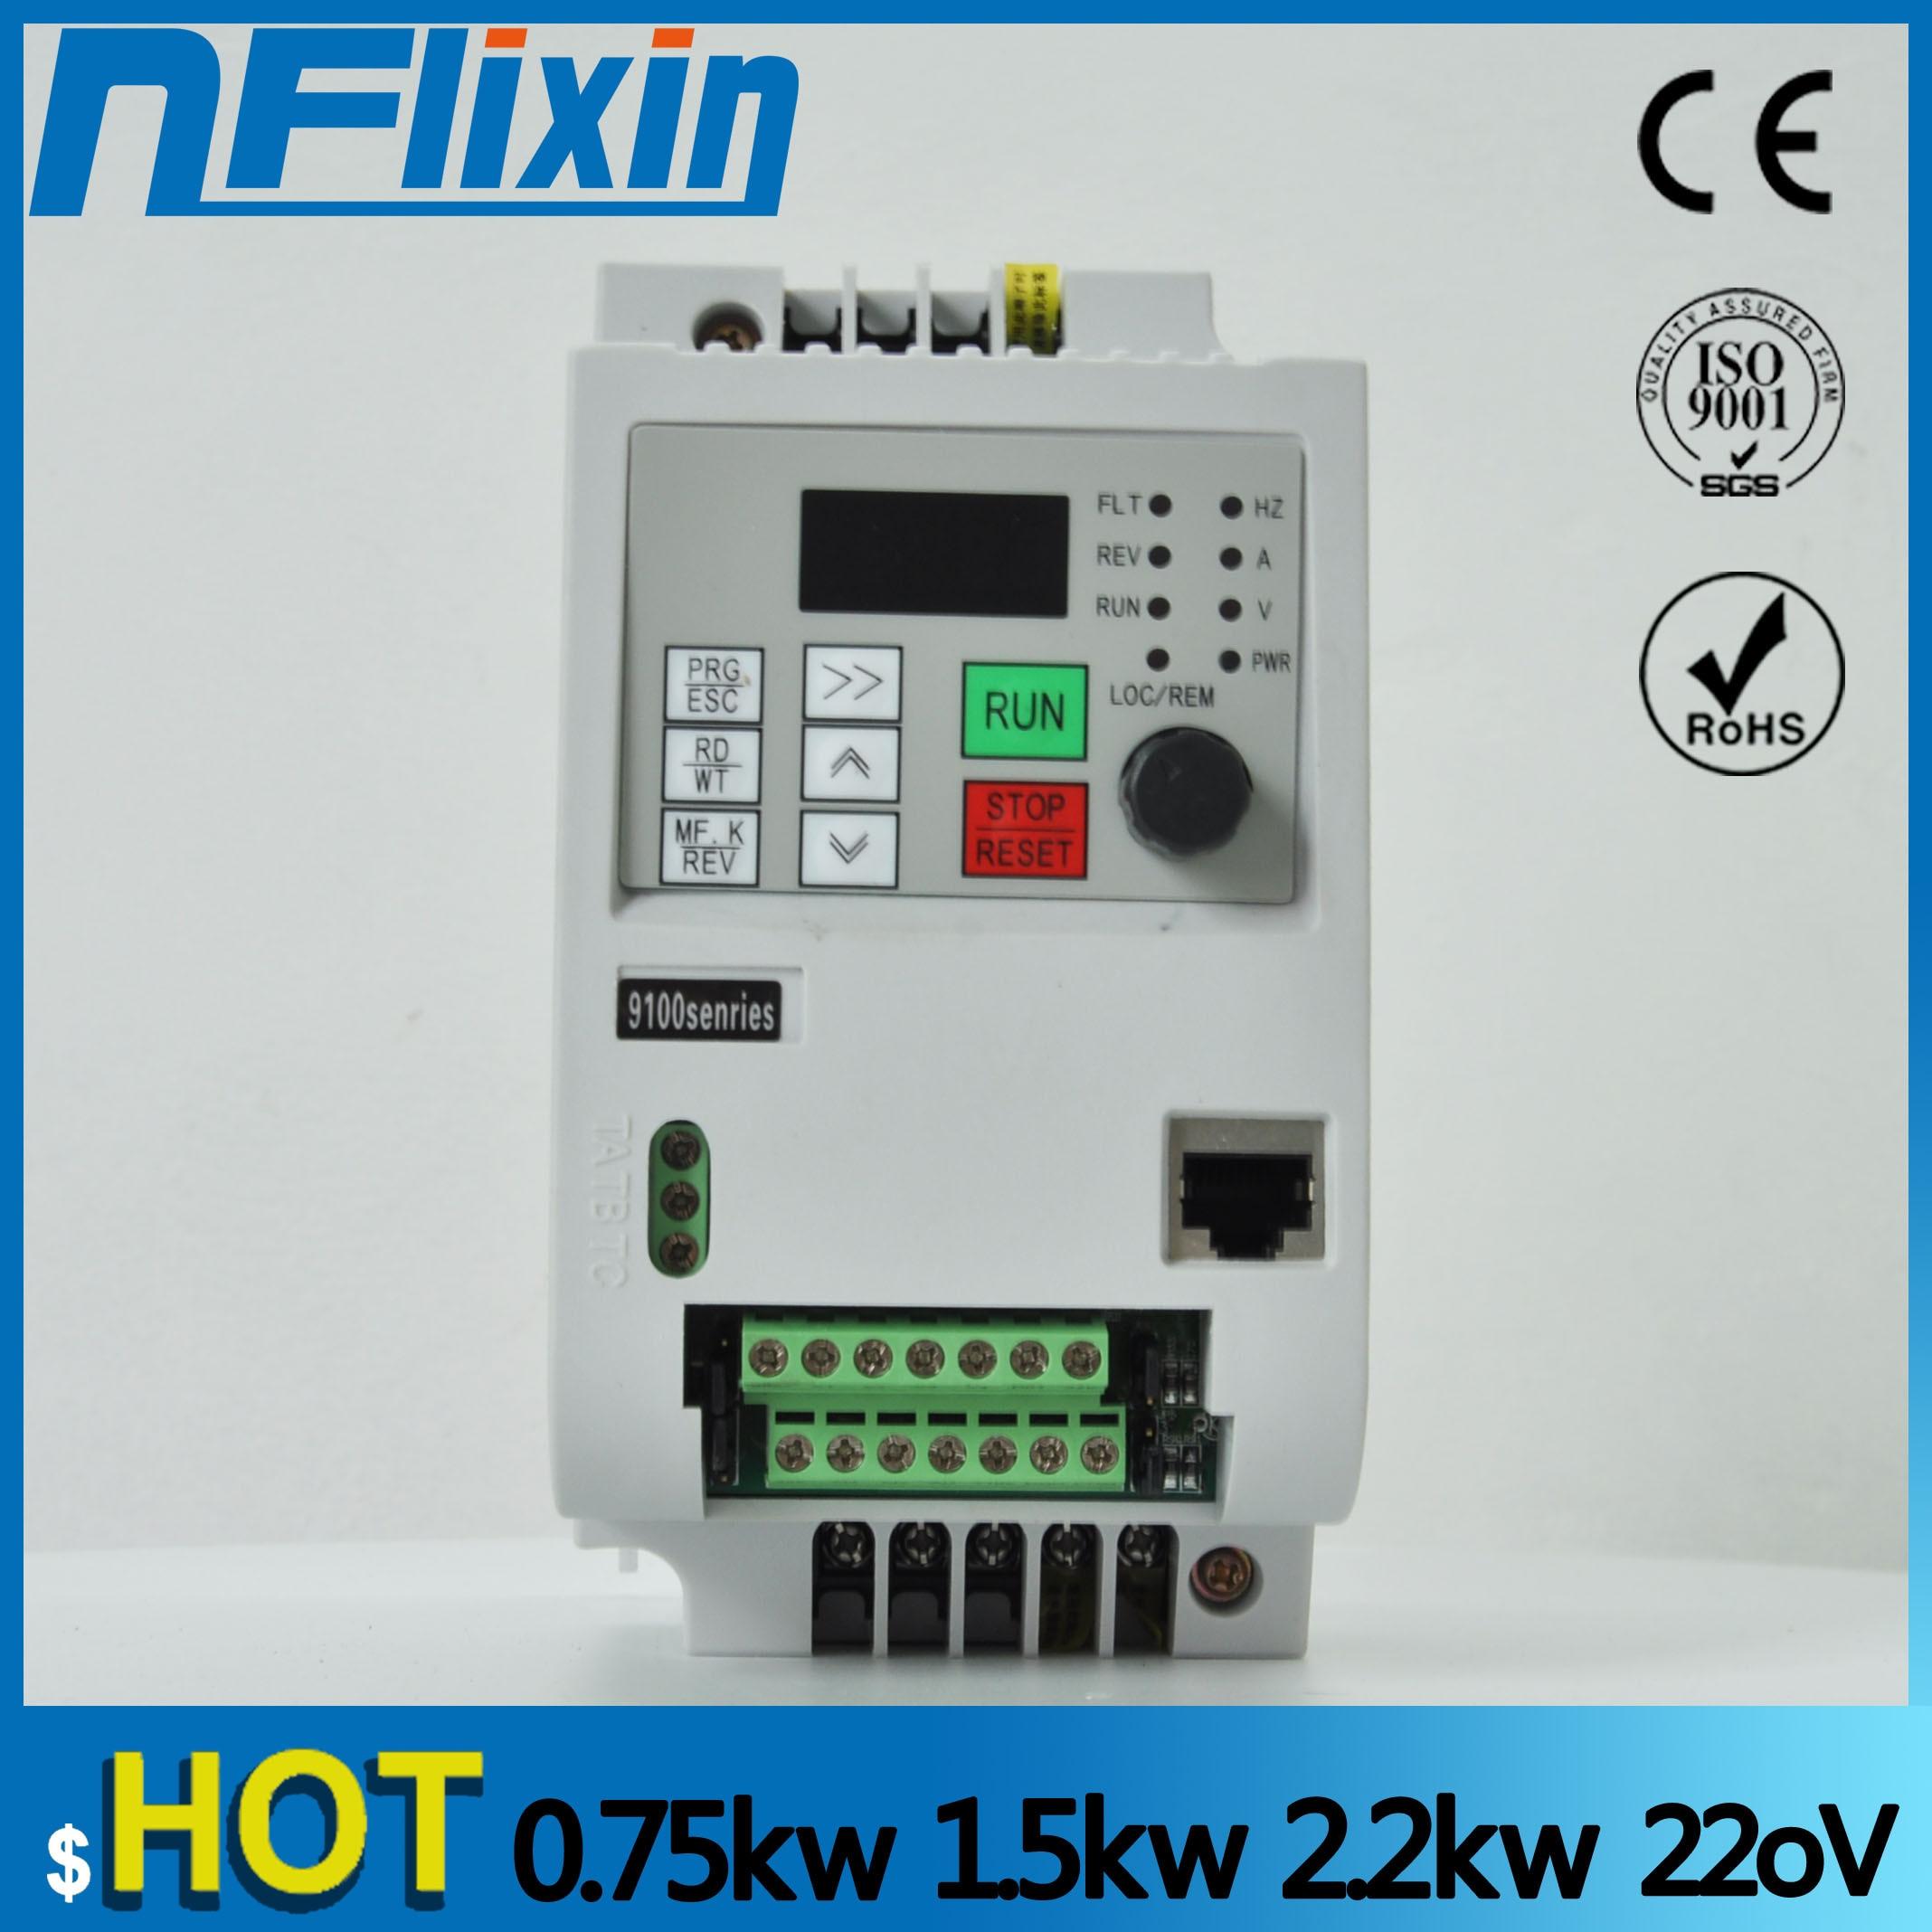 mini Frequency Converter 0.4kw 0.75kw 1.5kw 2.2kw 4kw 190V/220V Single Phase 380V 3 Phase Input VFD Frequency Inverter 190V/VFD